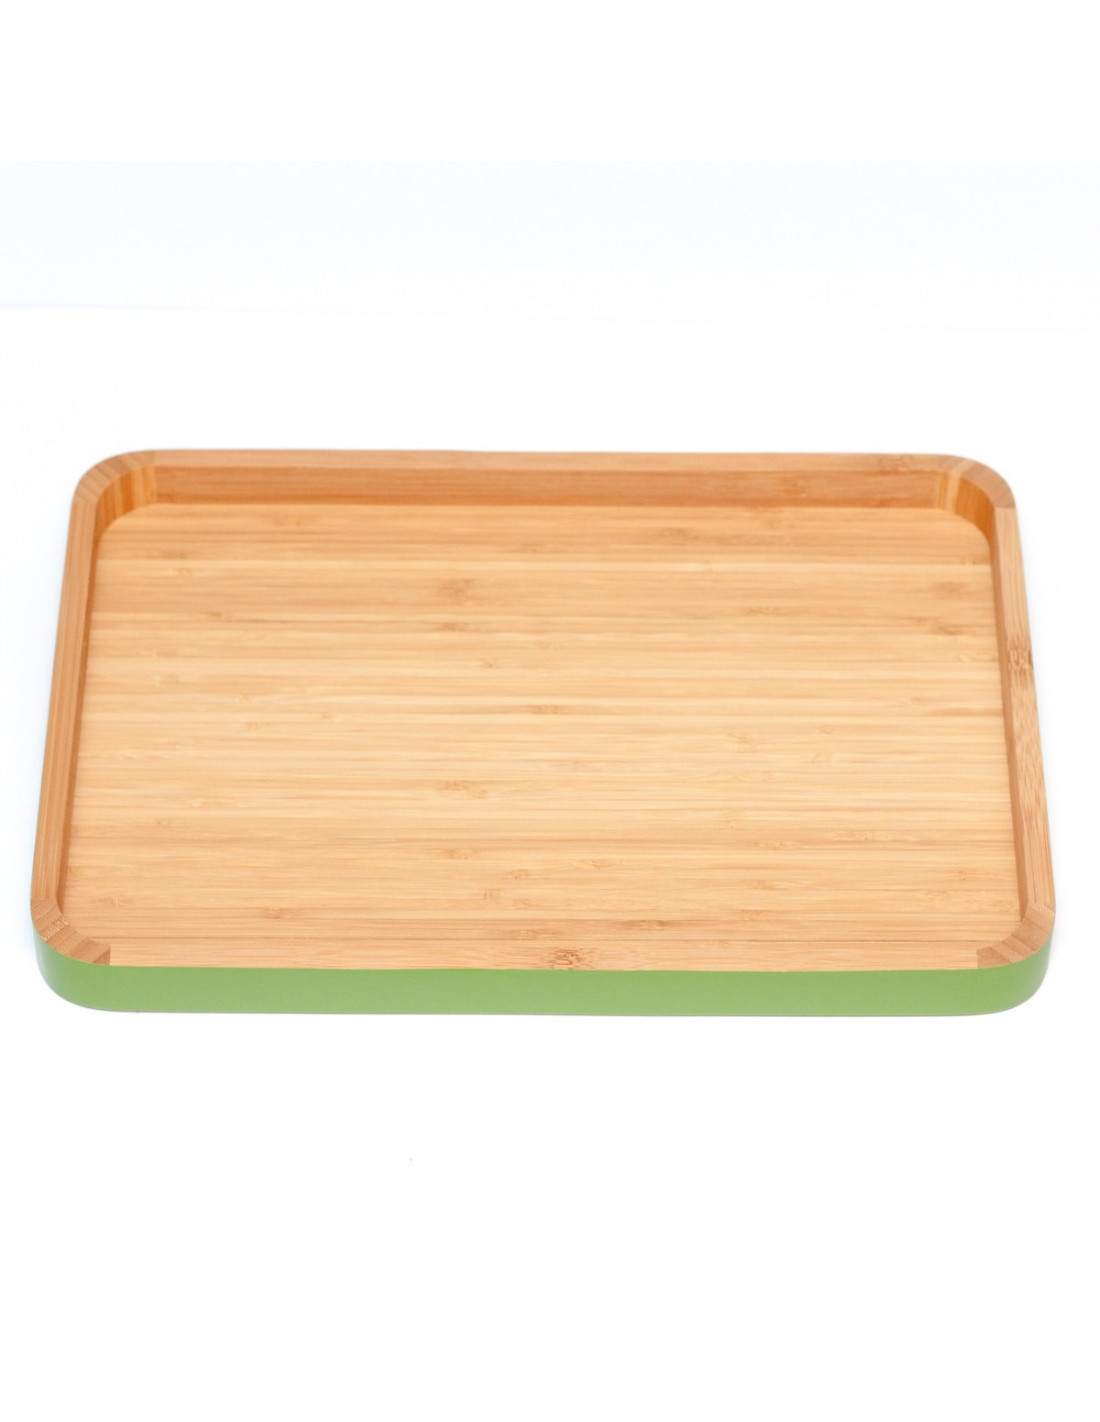 Groene Keuken Accessoires : Voor in huis > In de keuken > Overige producten voor in de keuken